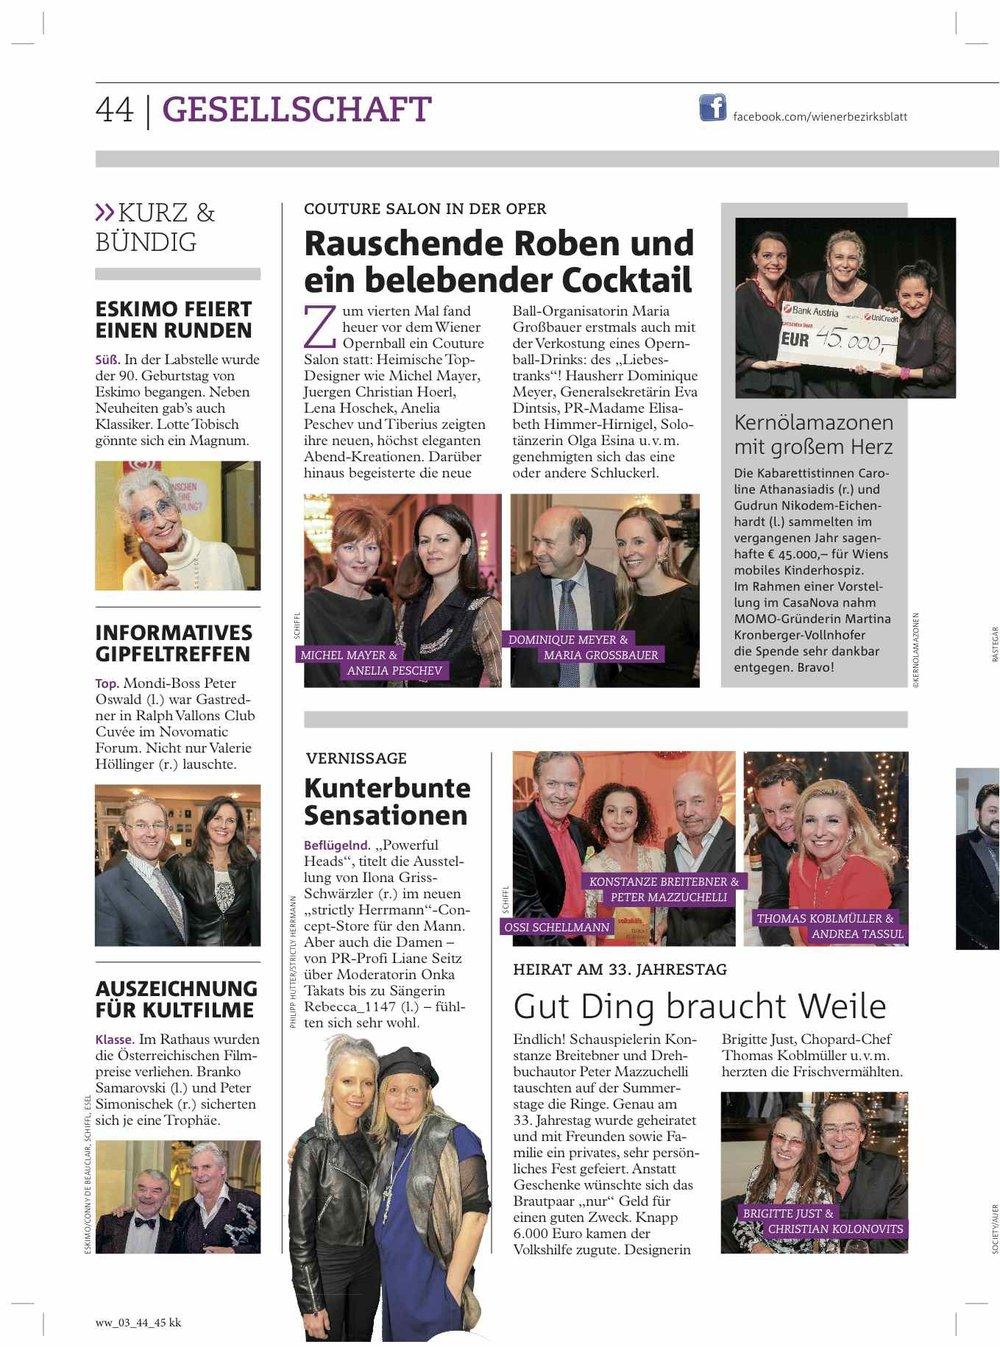 wiener Bezirksblatt Feb w 4.jpg